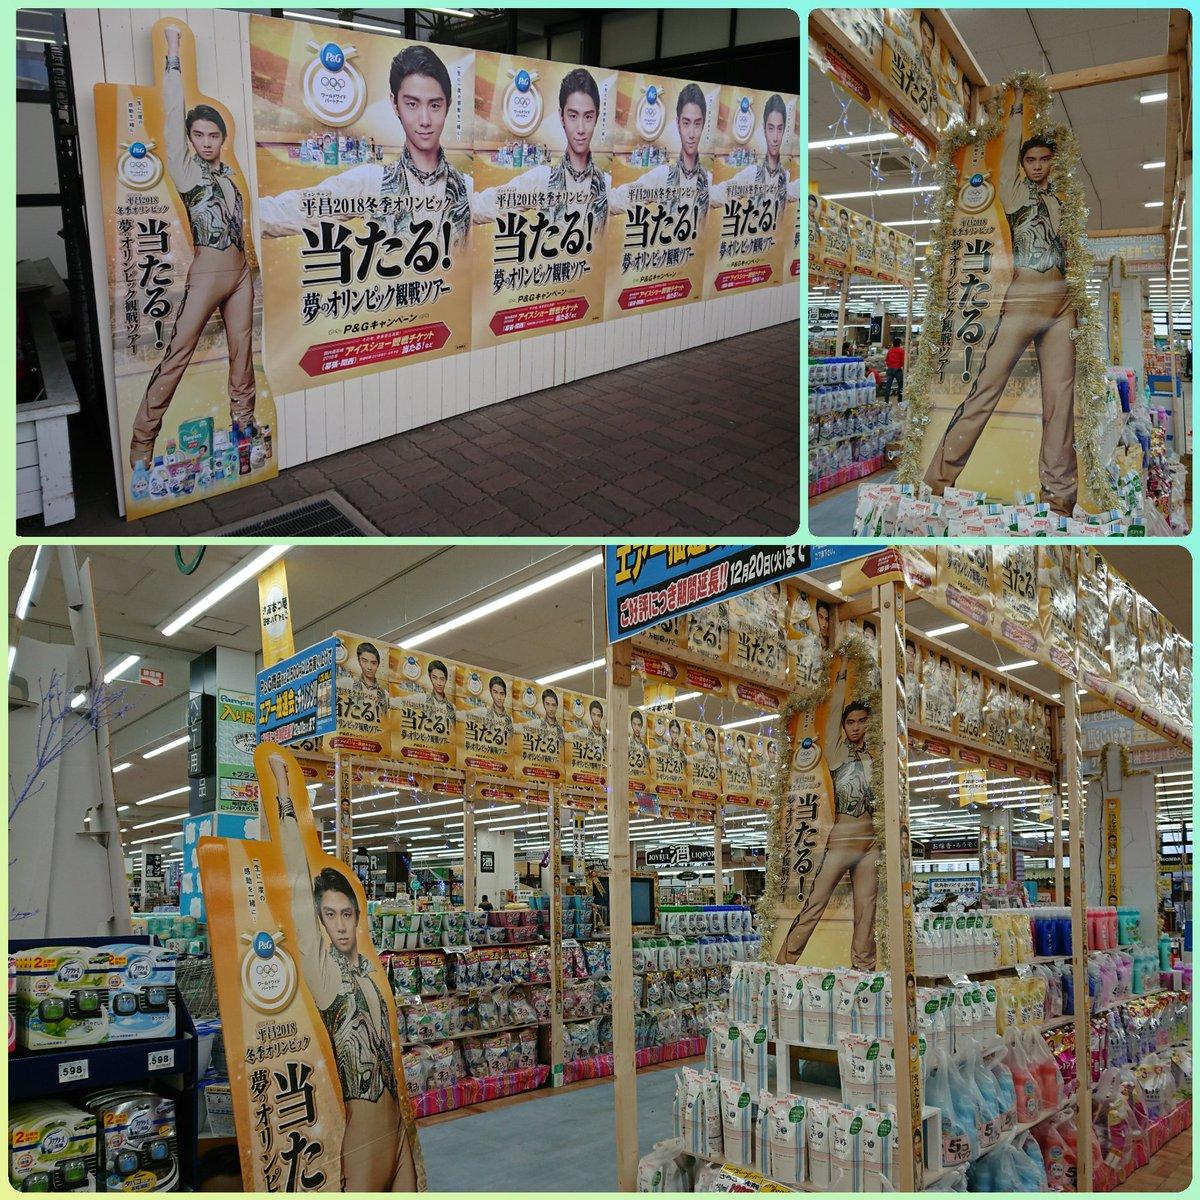 ジョイフル本田店の内装が羽生結弦選手のゴールドポスターだらけでインパクトが凄い